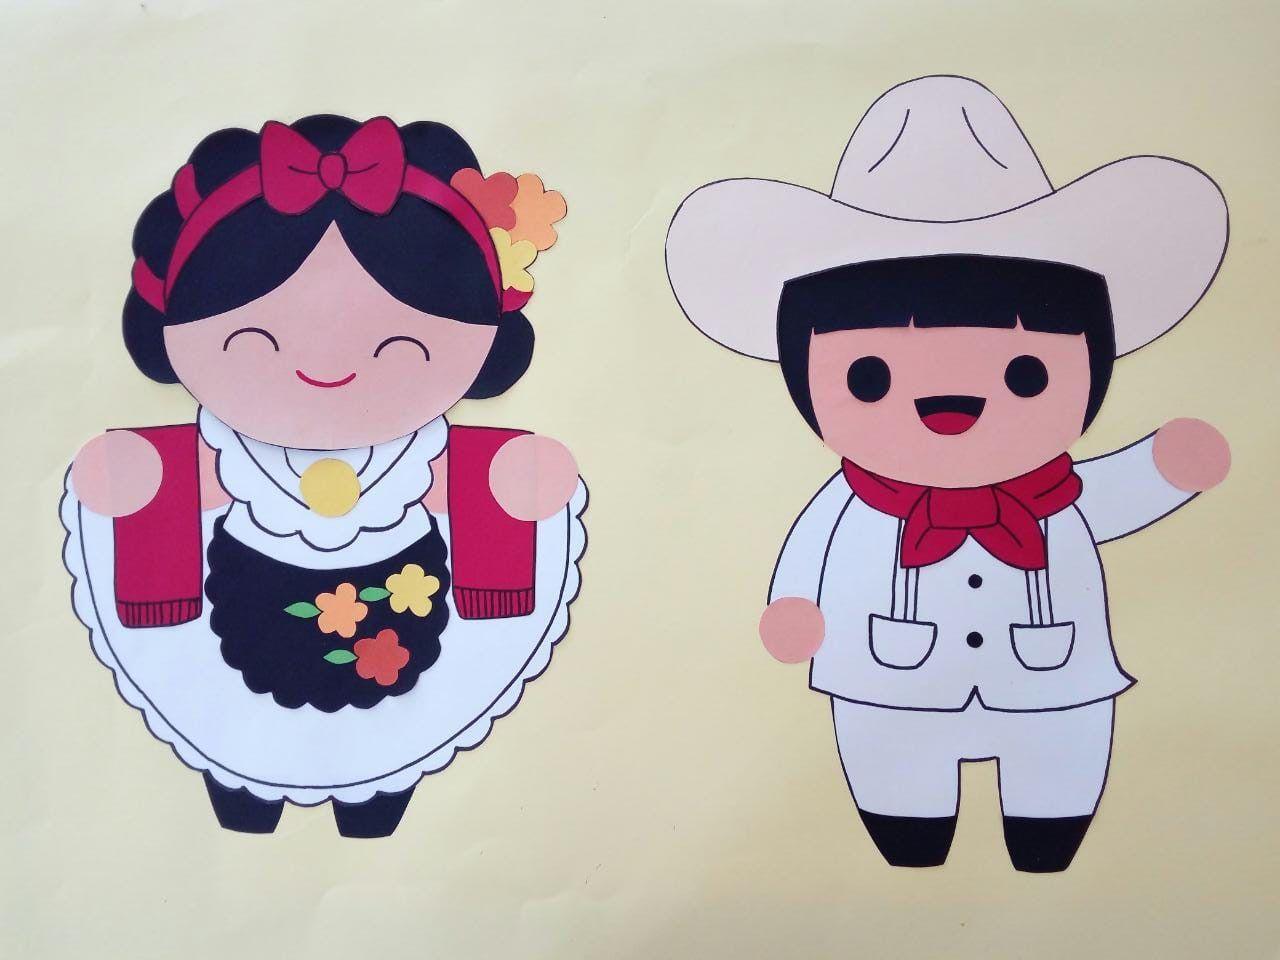 Jarochos Mexicolindo Dibujo Trajes Panchito Eli Veracruz Jarochos Titeres De Guante Dibujos Mexicanos Munecas Mexicanas